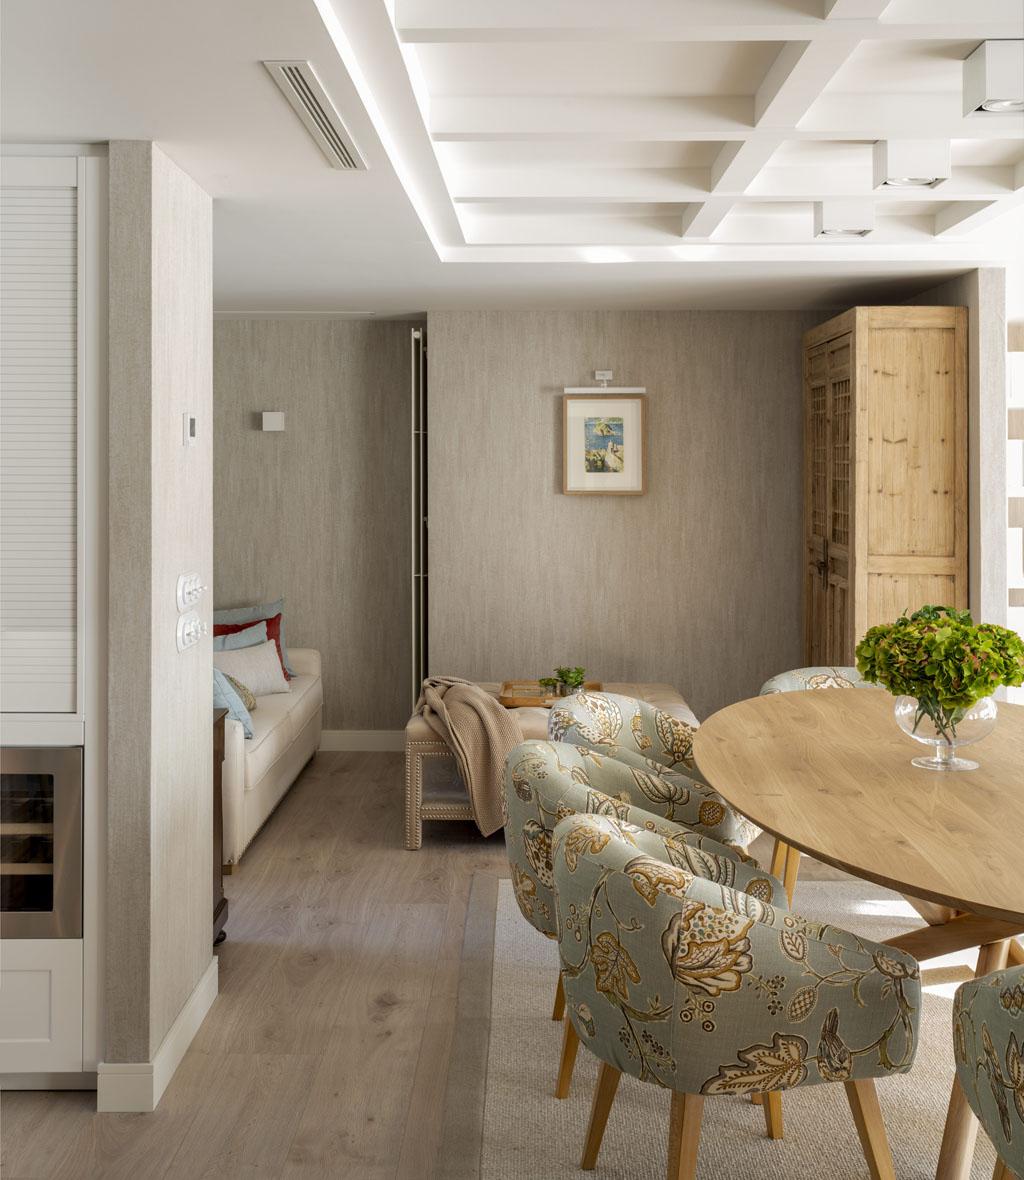 Dúplex Bilbao, Bizkaia Proyecto: Sube Interiorismo- Erlantz Biderbost fotógrafo de arquitectura e interiores